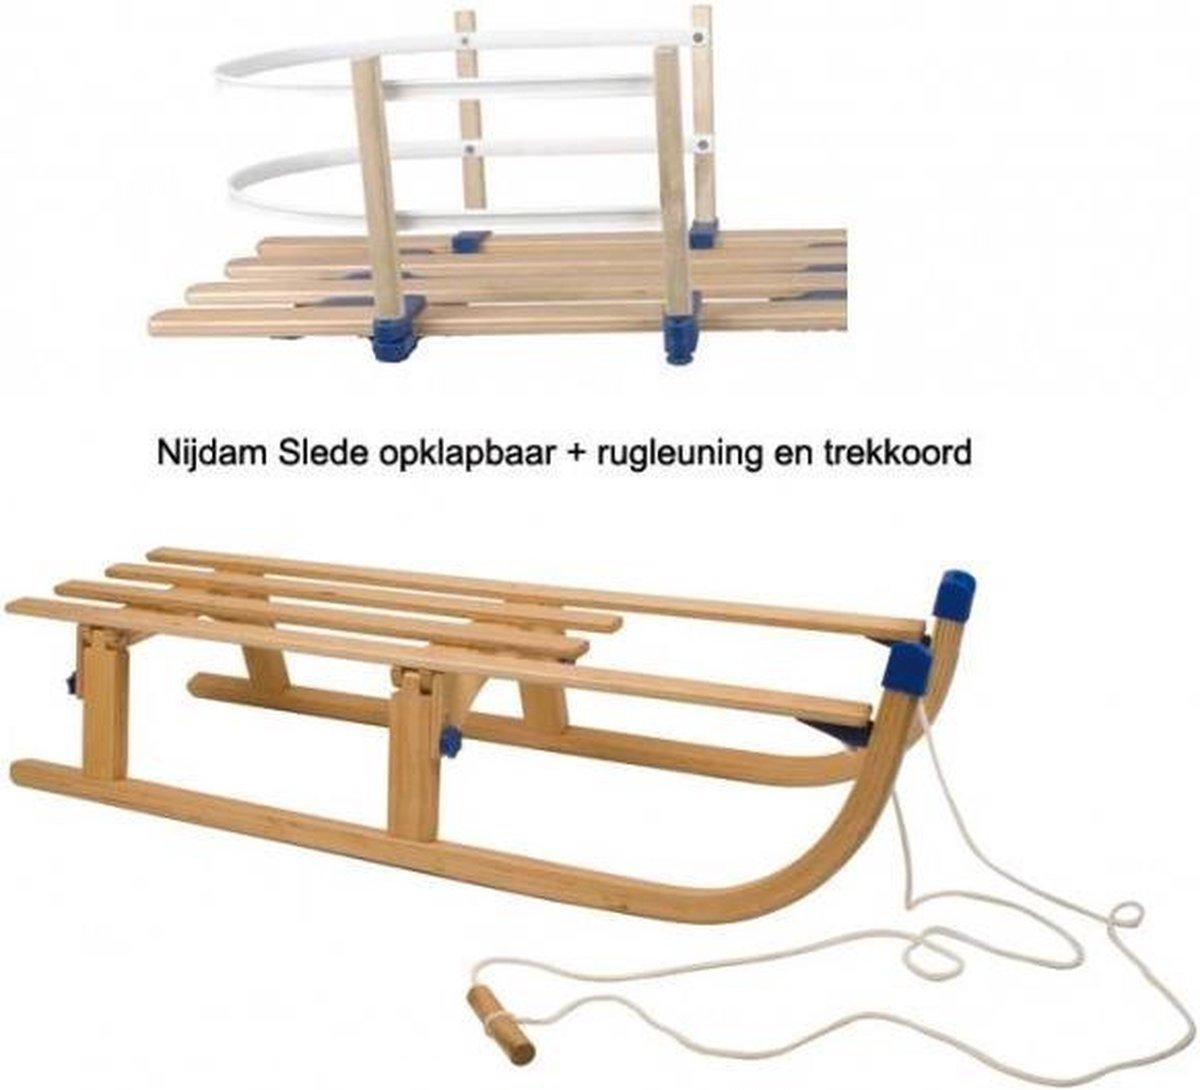 Slede hout opklapbaar - Opvouwbaar 110cm + rugleuning 0299 - Houten slee